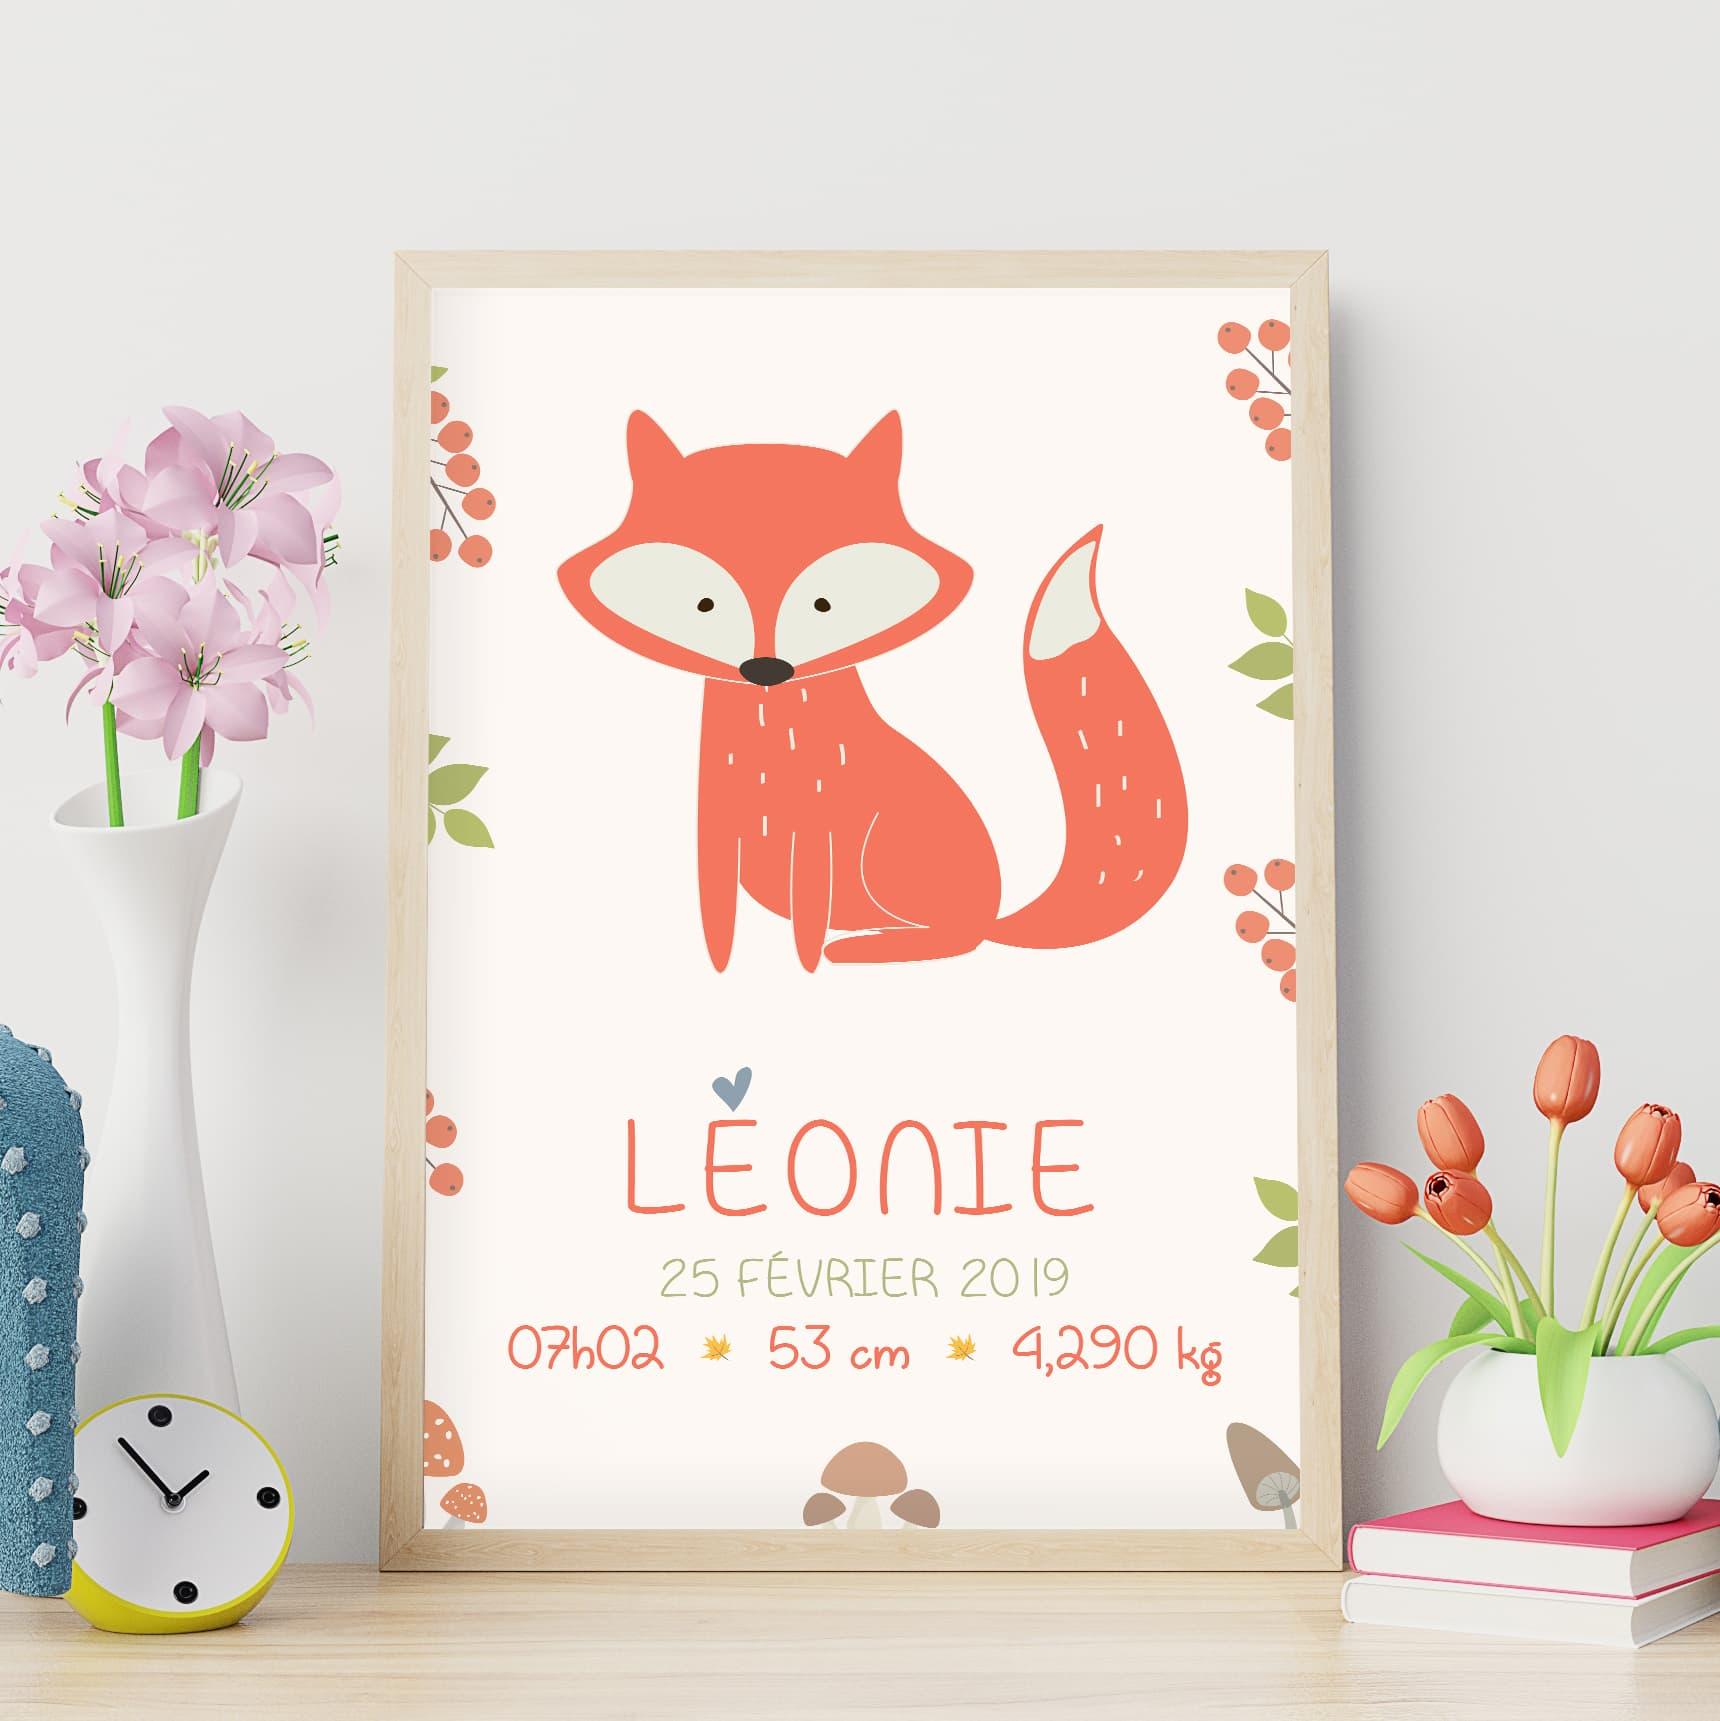 L'affiche de naissance personnalisée : le renard